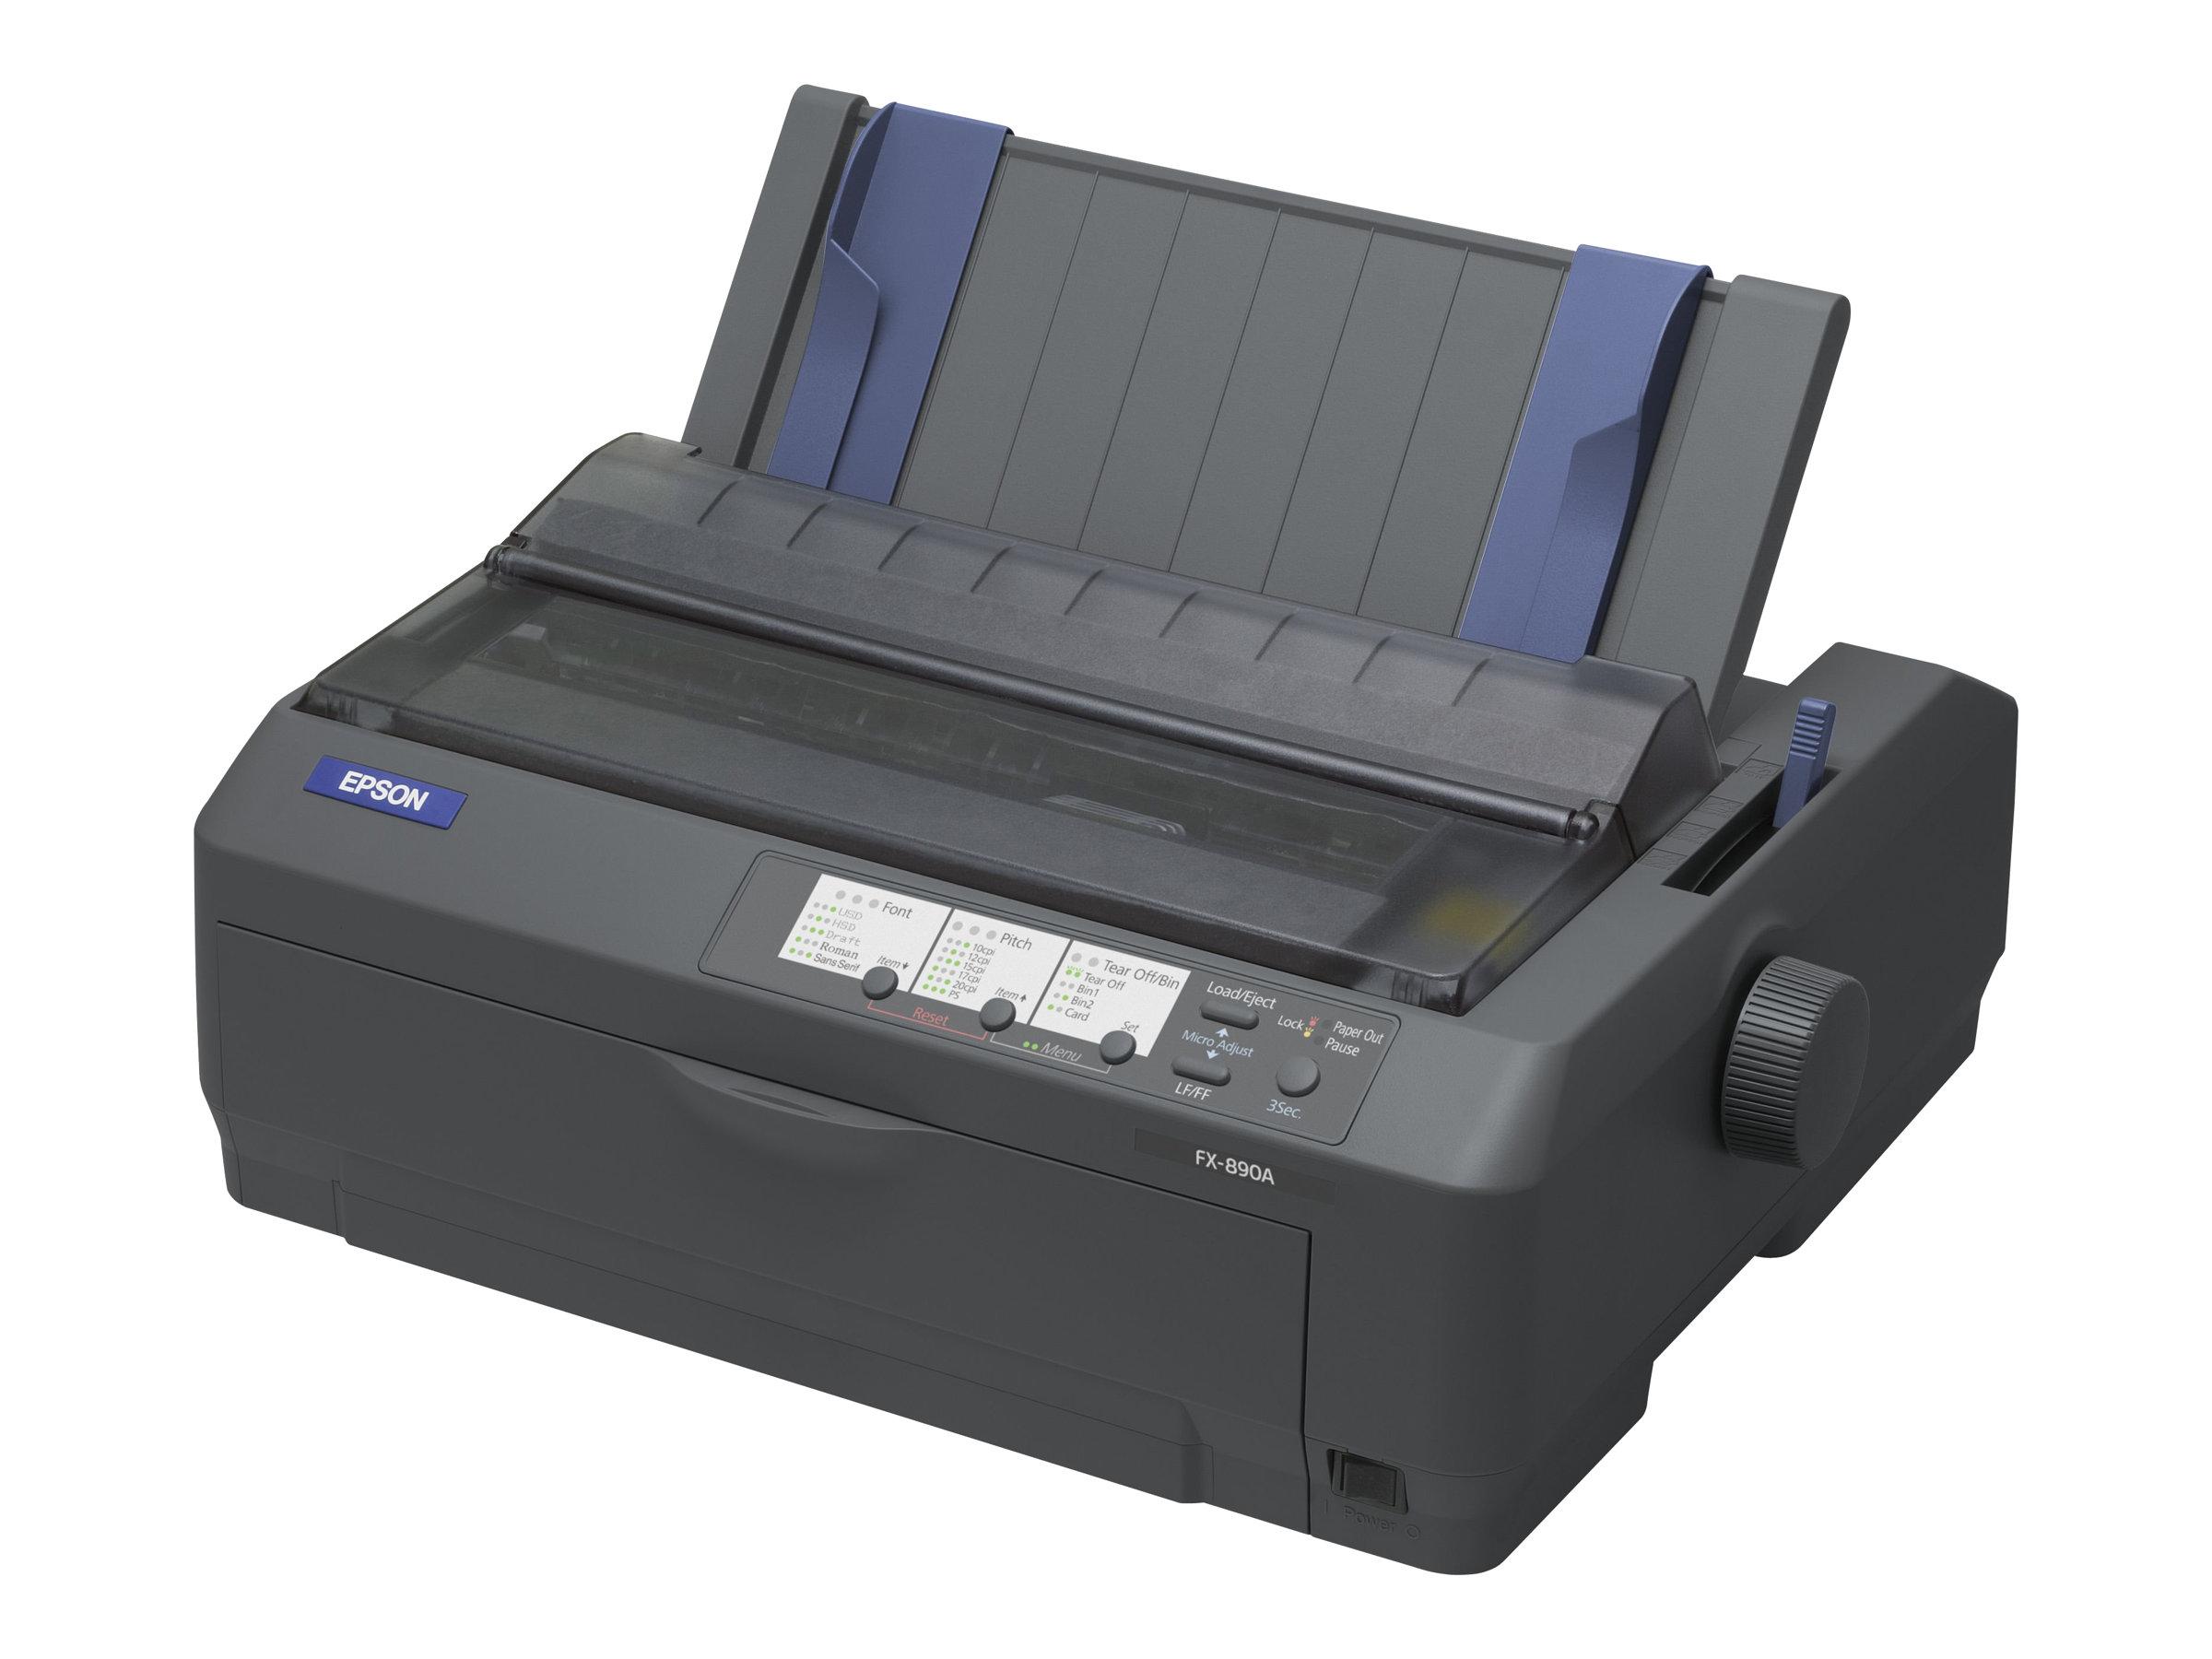 Epson FX 890A - Drucker - monochrom - Punktmatrix - 9 Pin - bis zu 680 Zeichen/Sek.